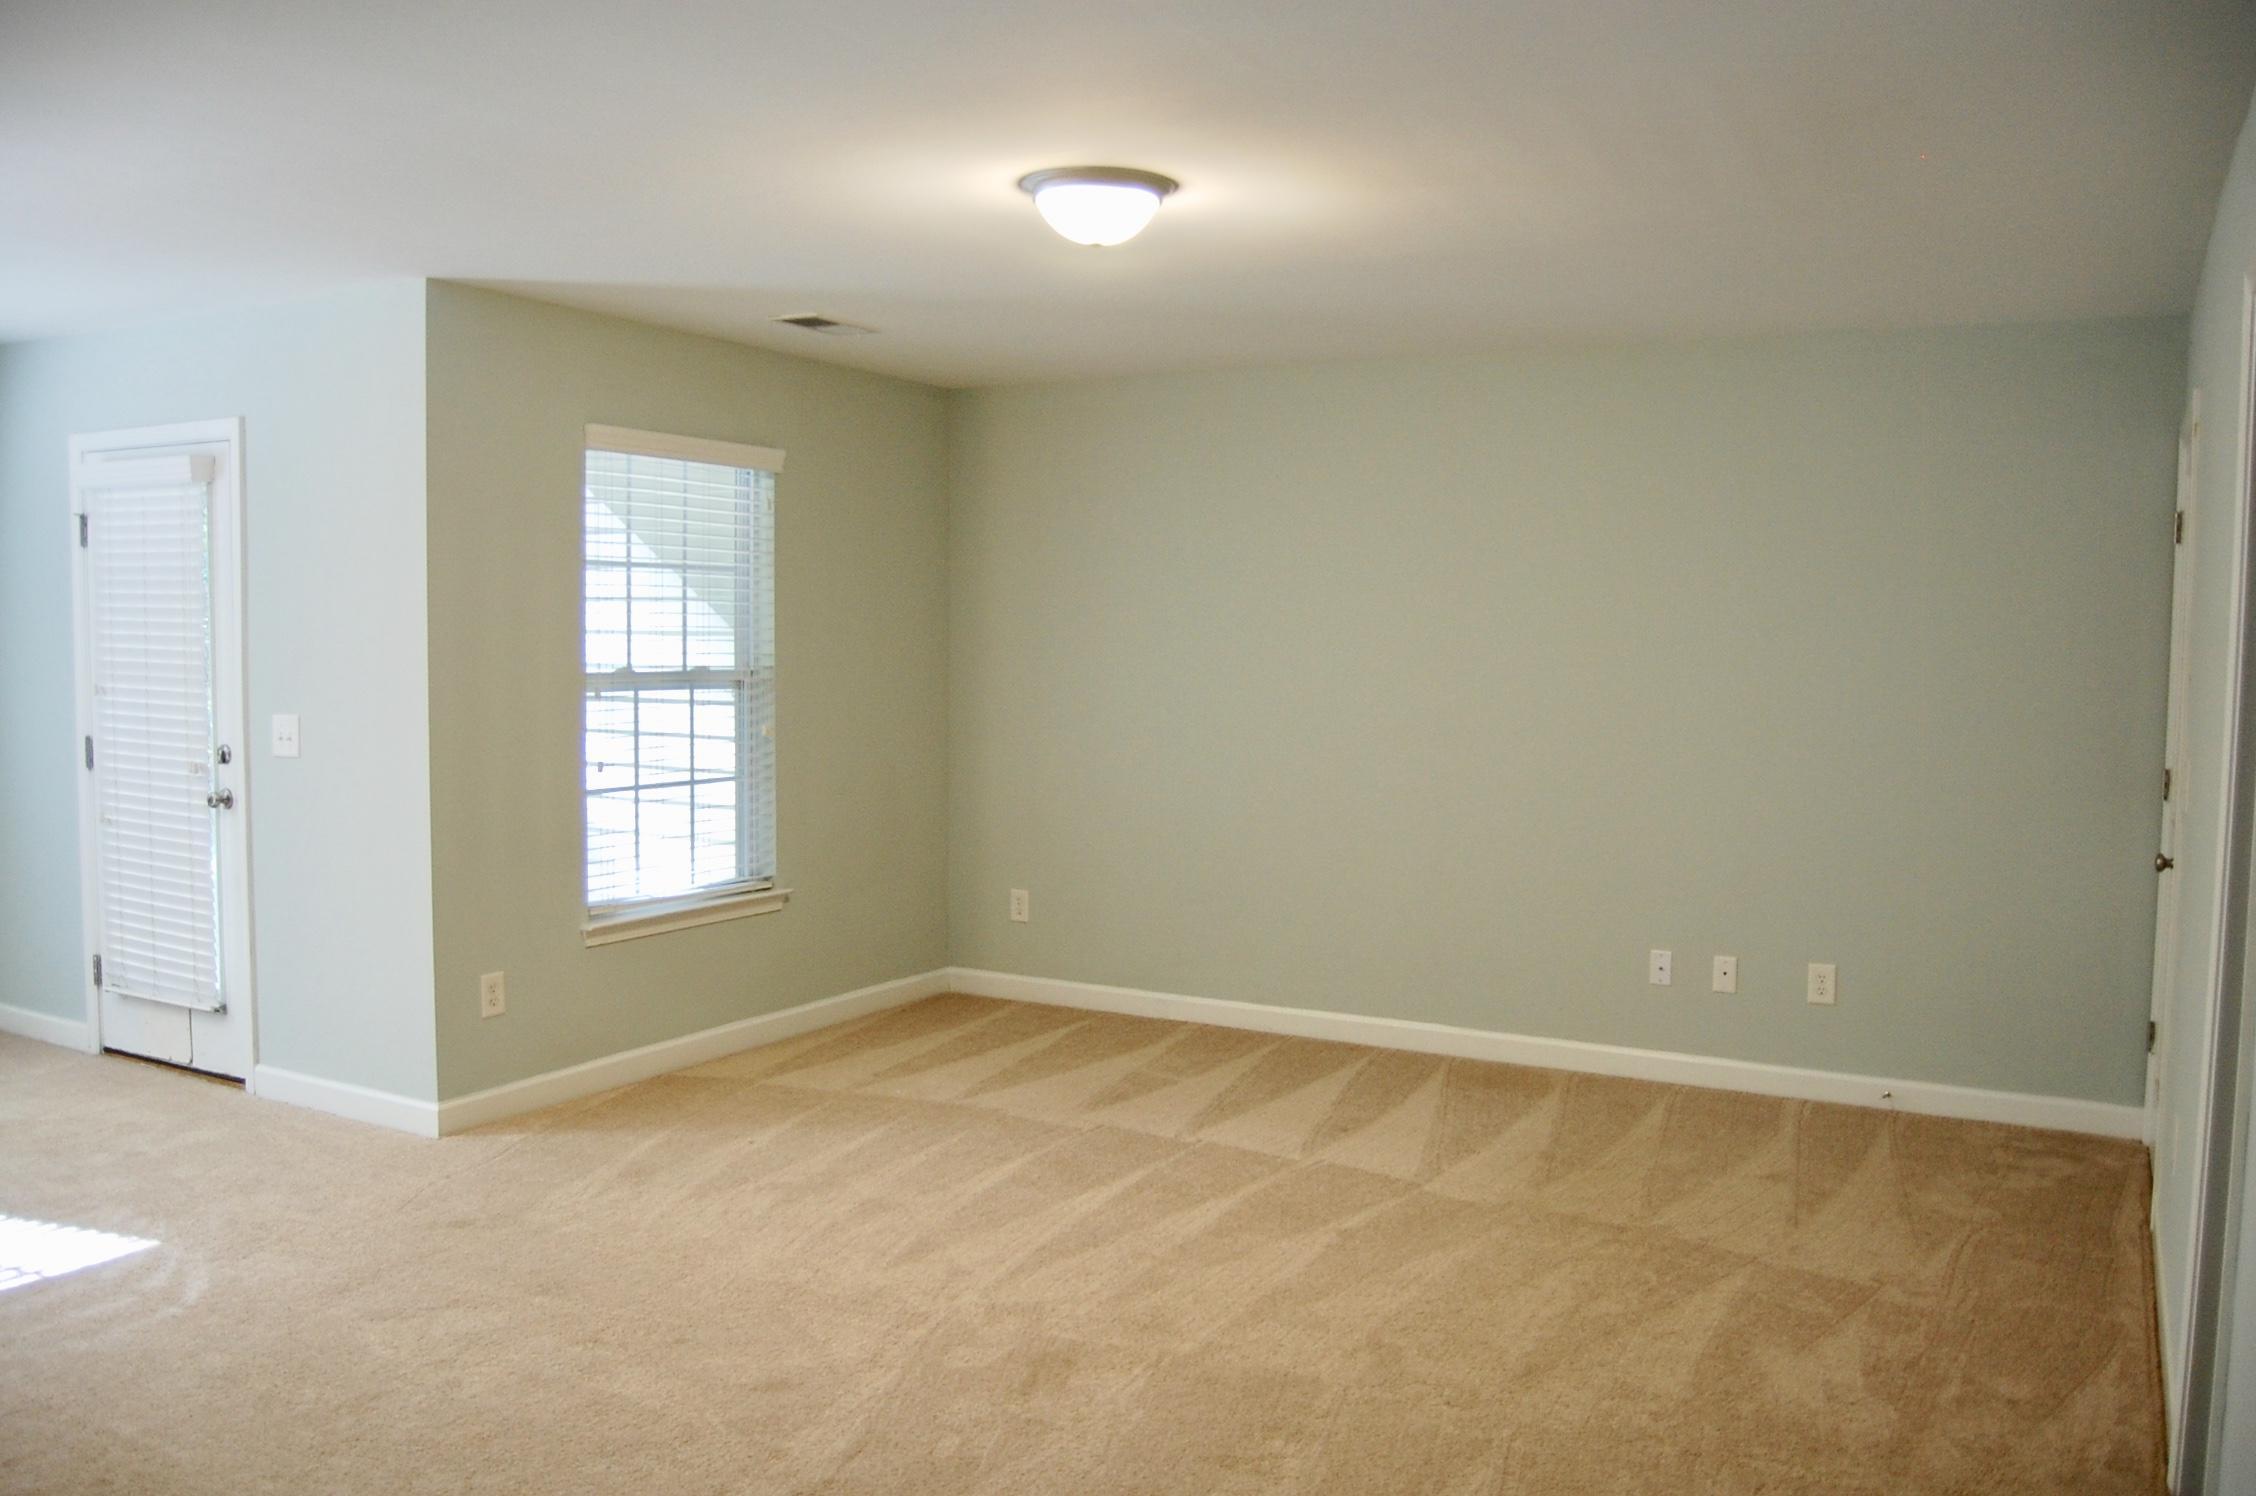 Park West Homes For Sale - 3529 Claremont, Mount Pleasant, SC - 22